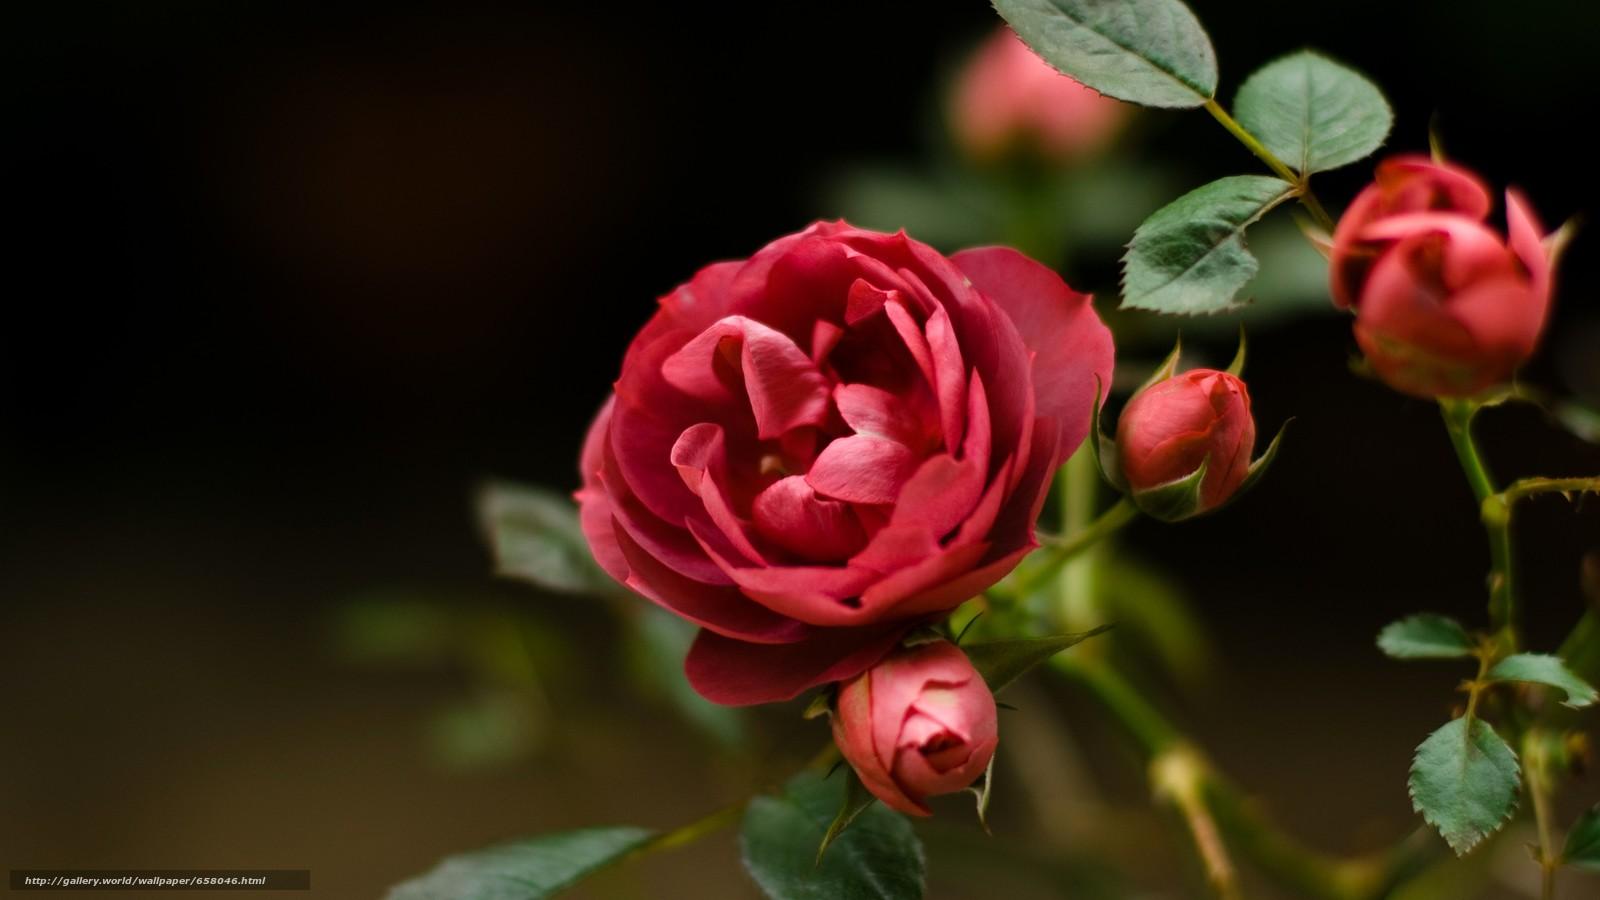 Скачать обои цветы,  цветок,  роза,  розы бесплатно для рабочего стола в разрешении 3641x2048 — картинка №658046